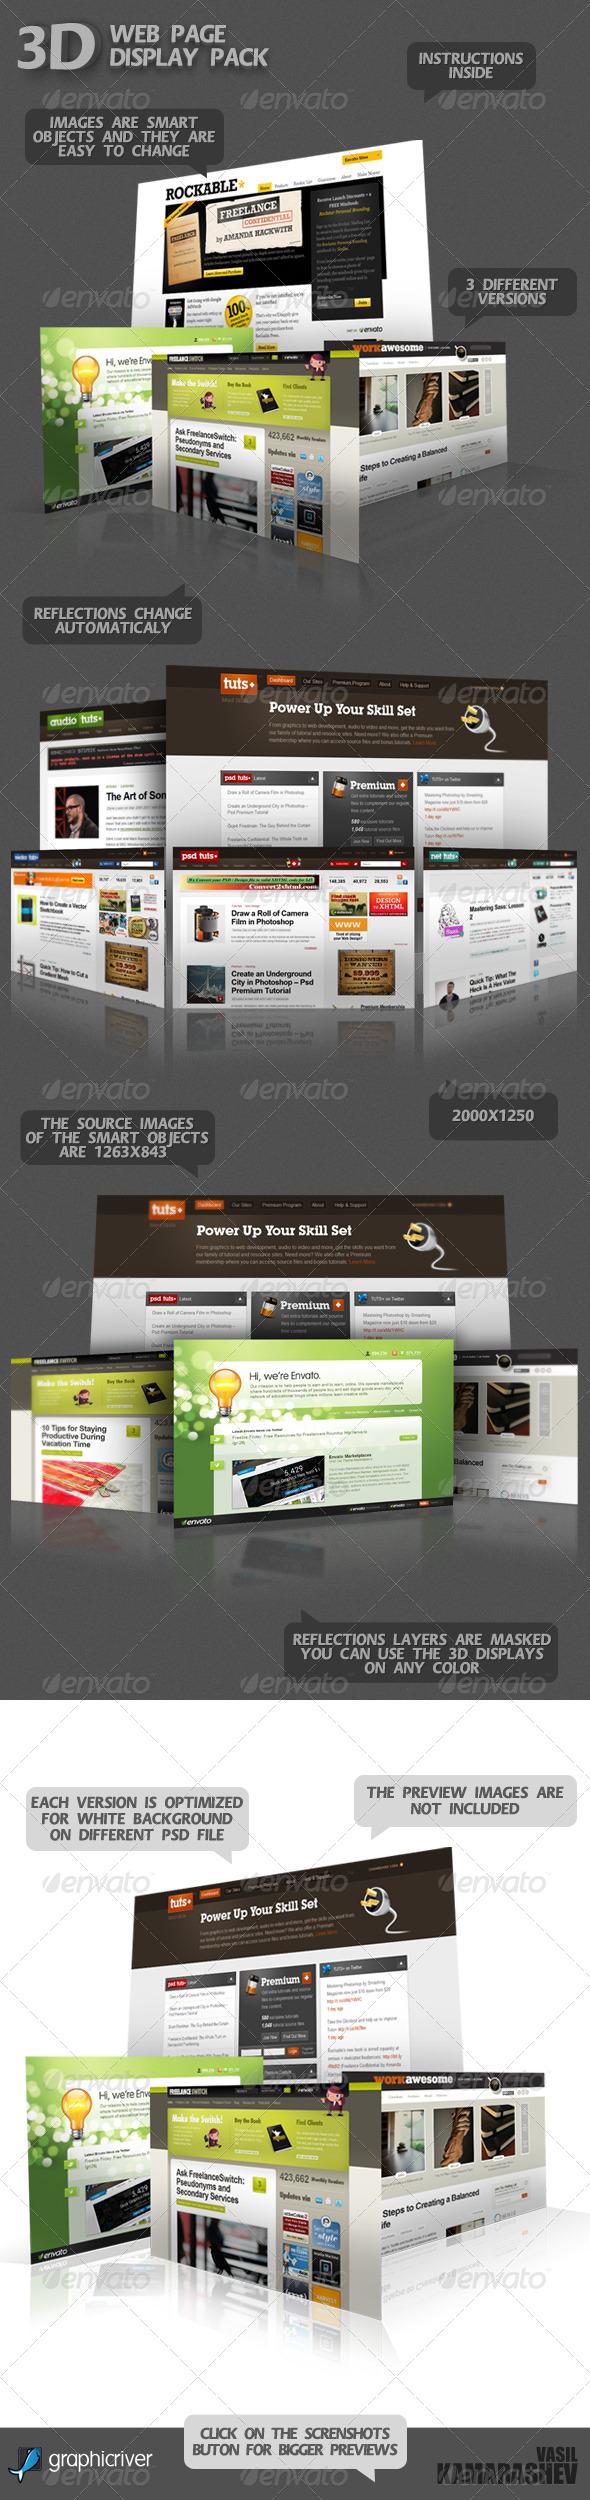 3D Web Page Display Pack - Website Displays